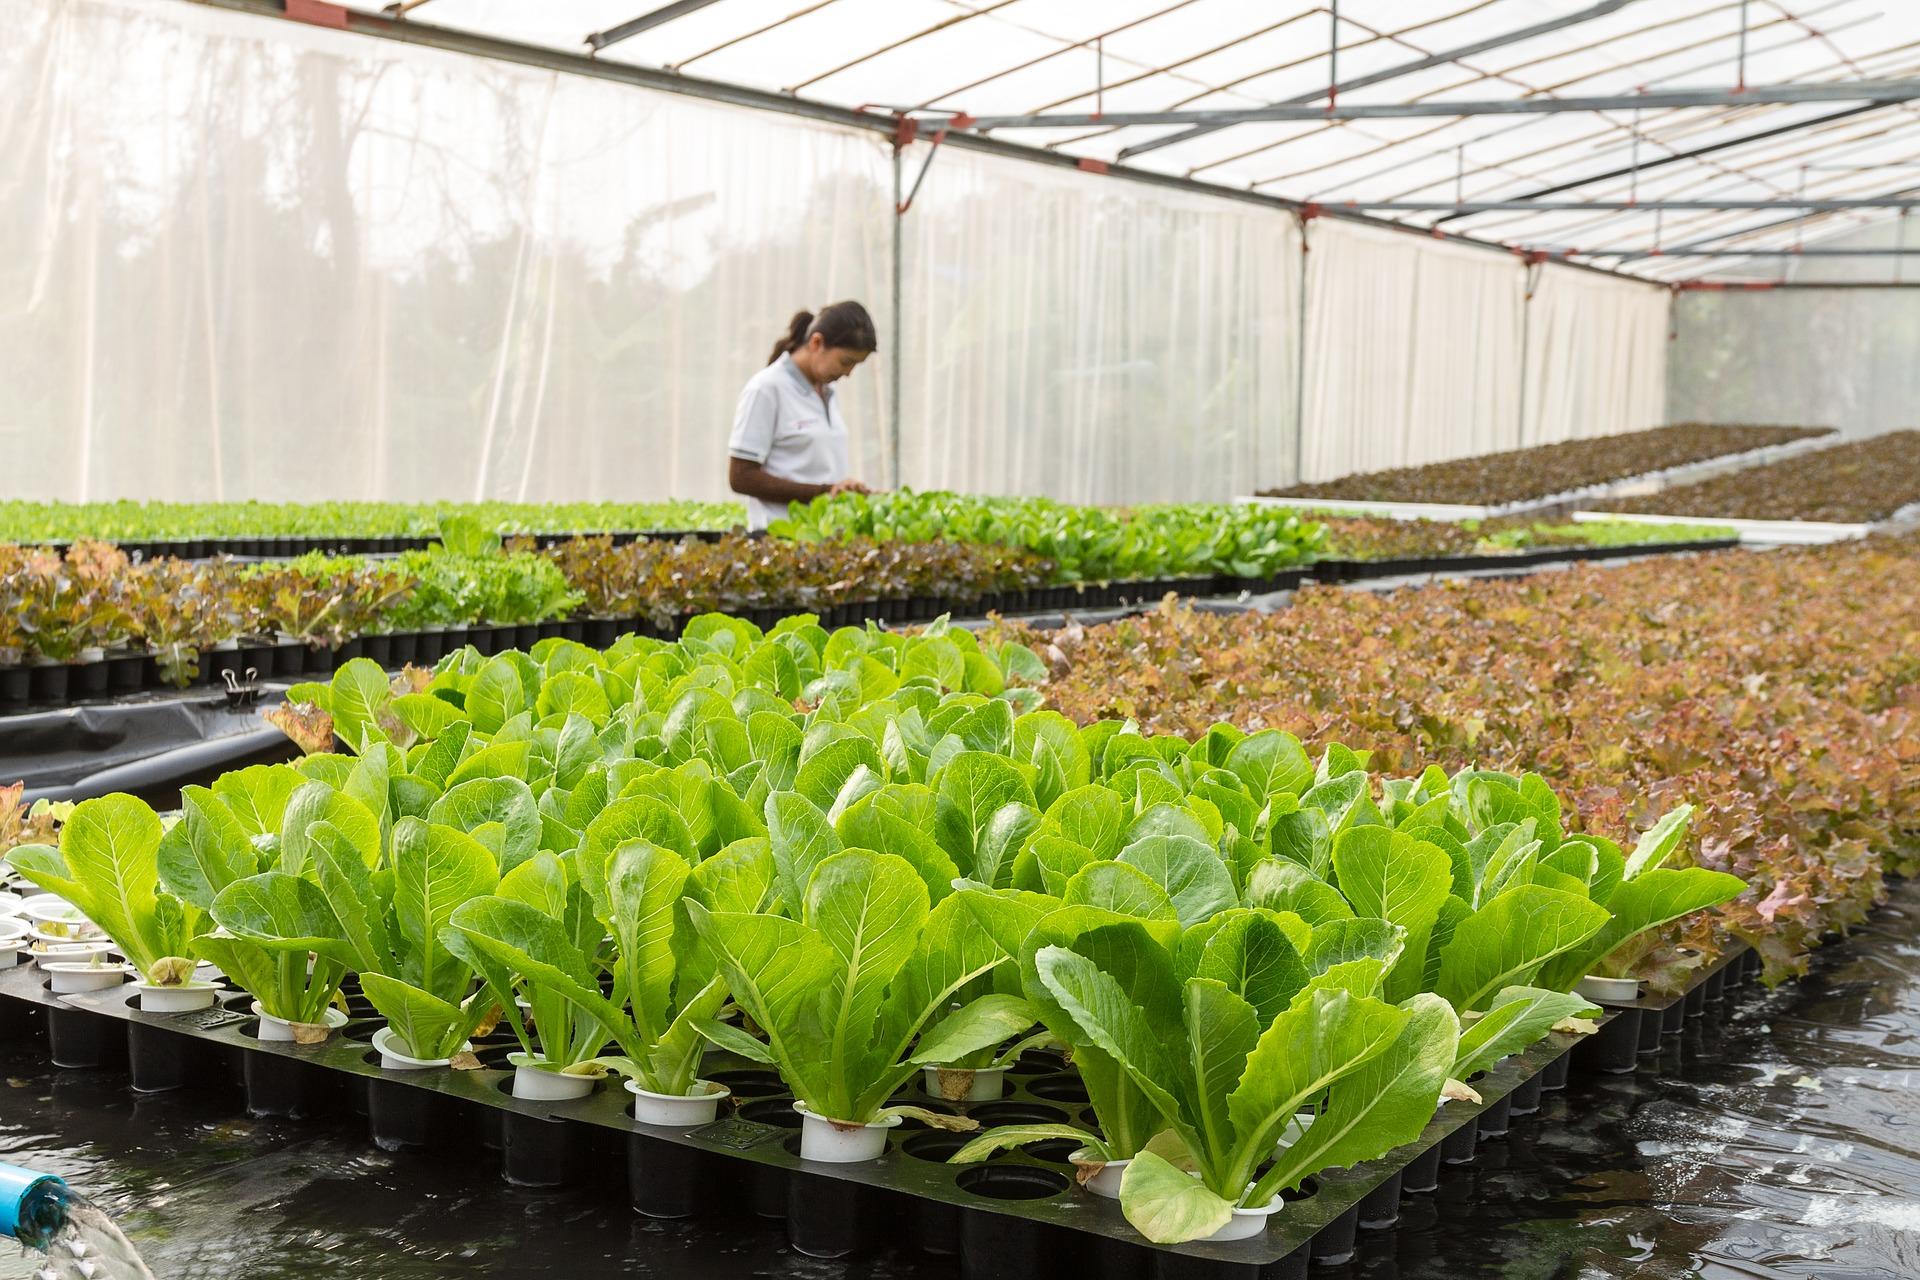 онтроль выращивания с помощью смартфона